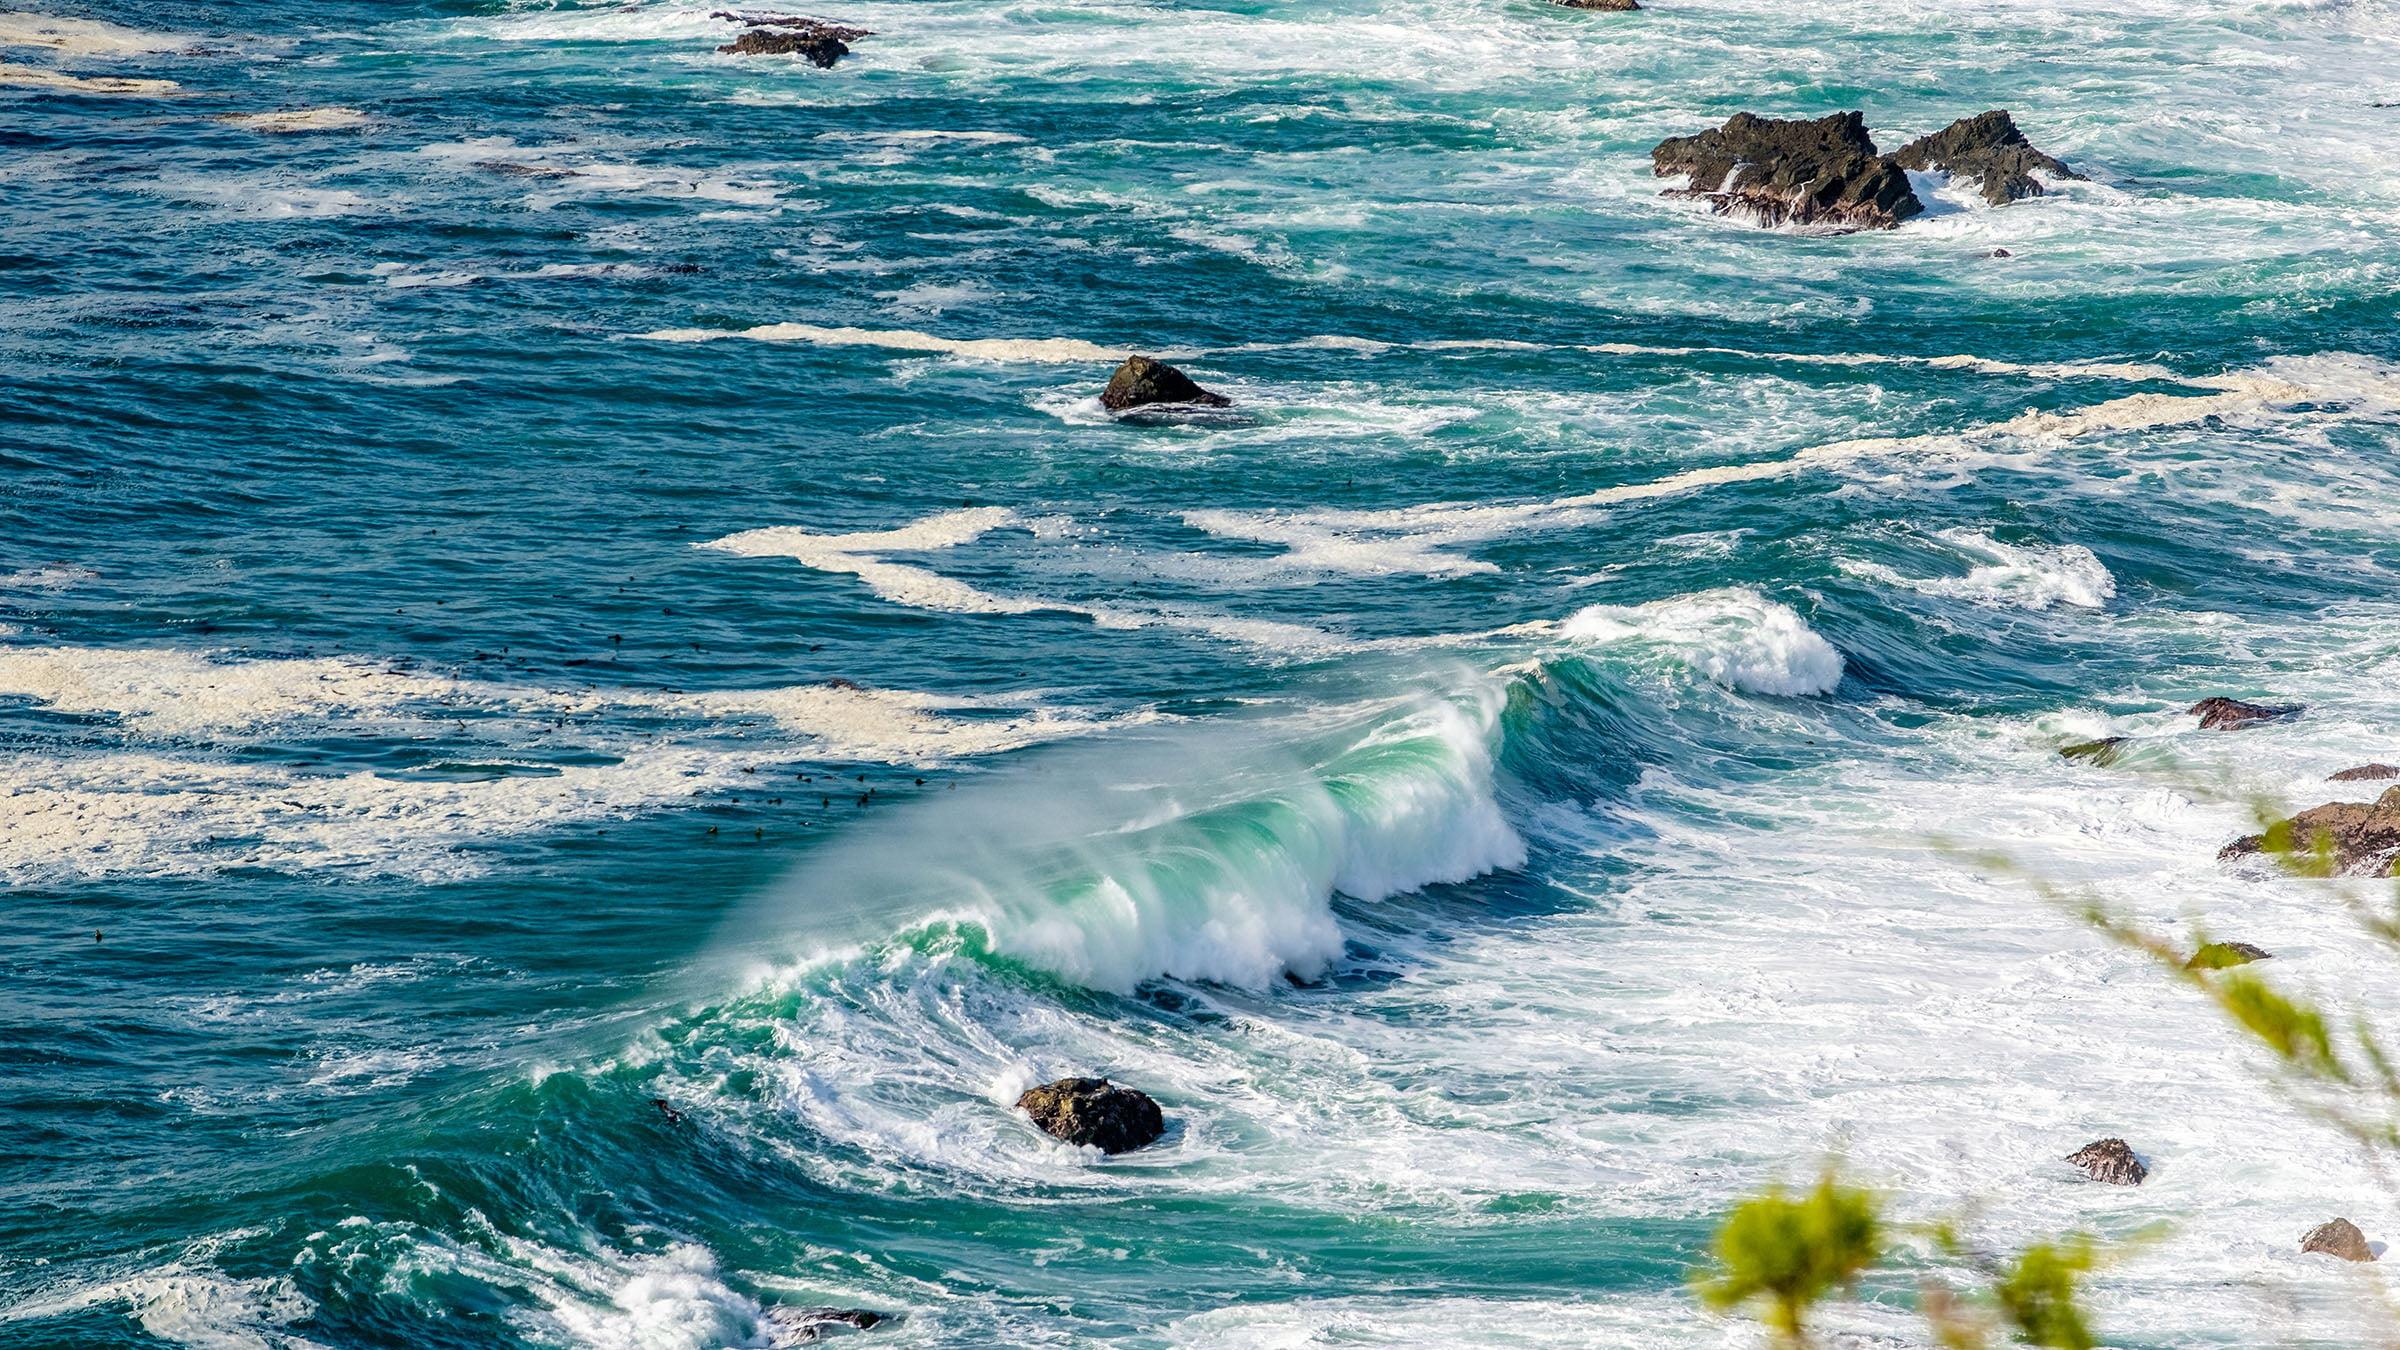 paisajes marinos las olas